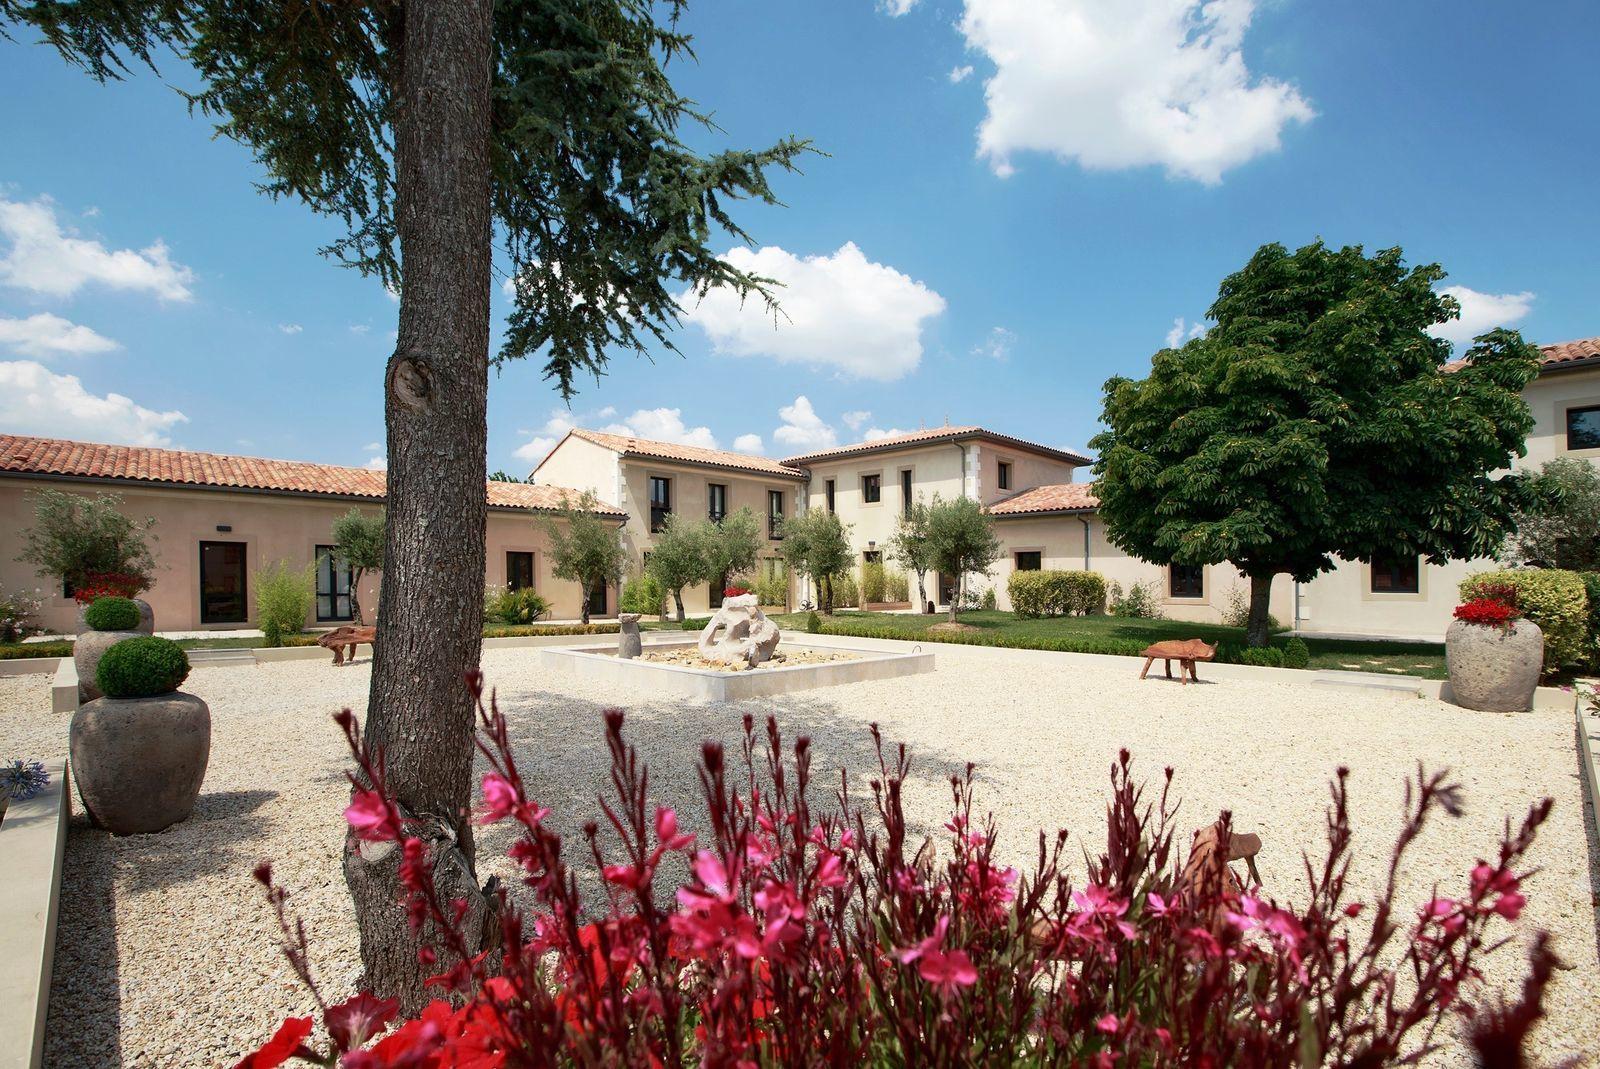 Domaine les Marées - 2. la Fontaine de Jouvence luxe vakantie Frankrijk